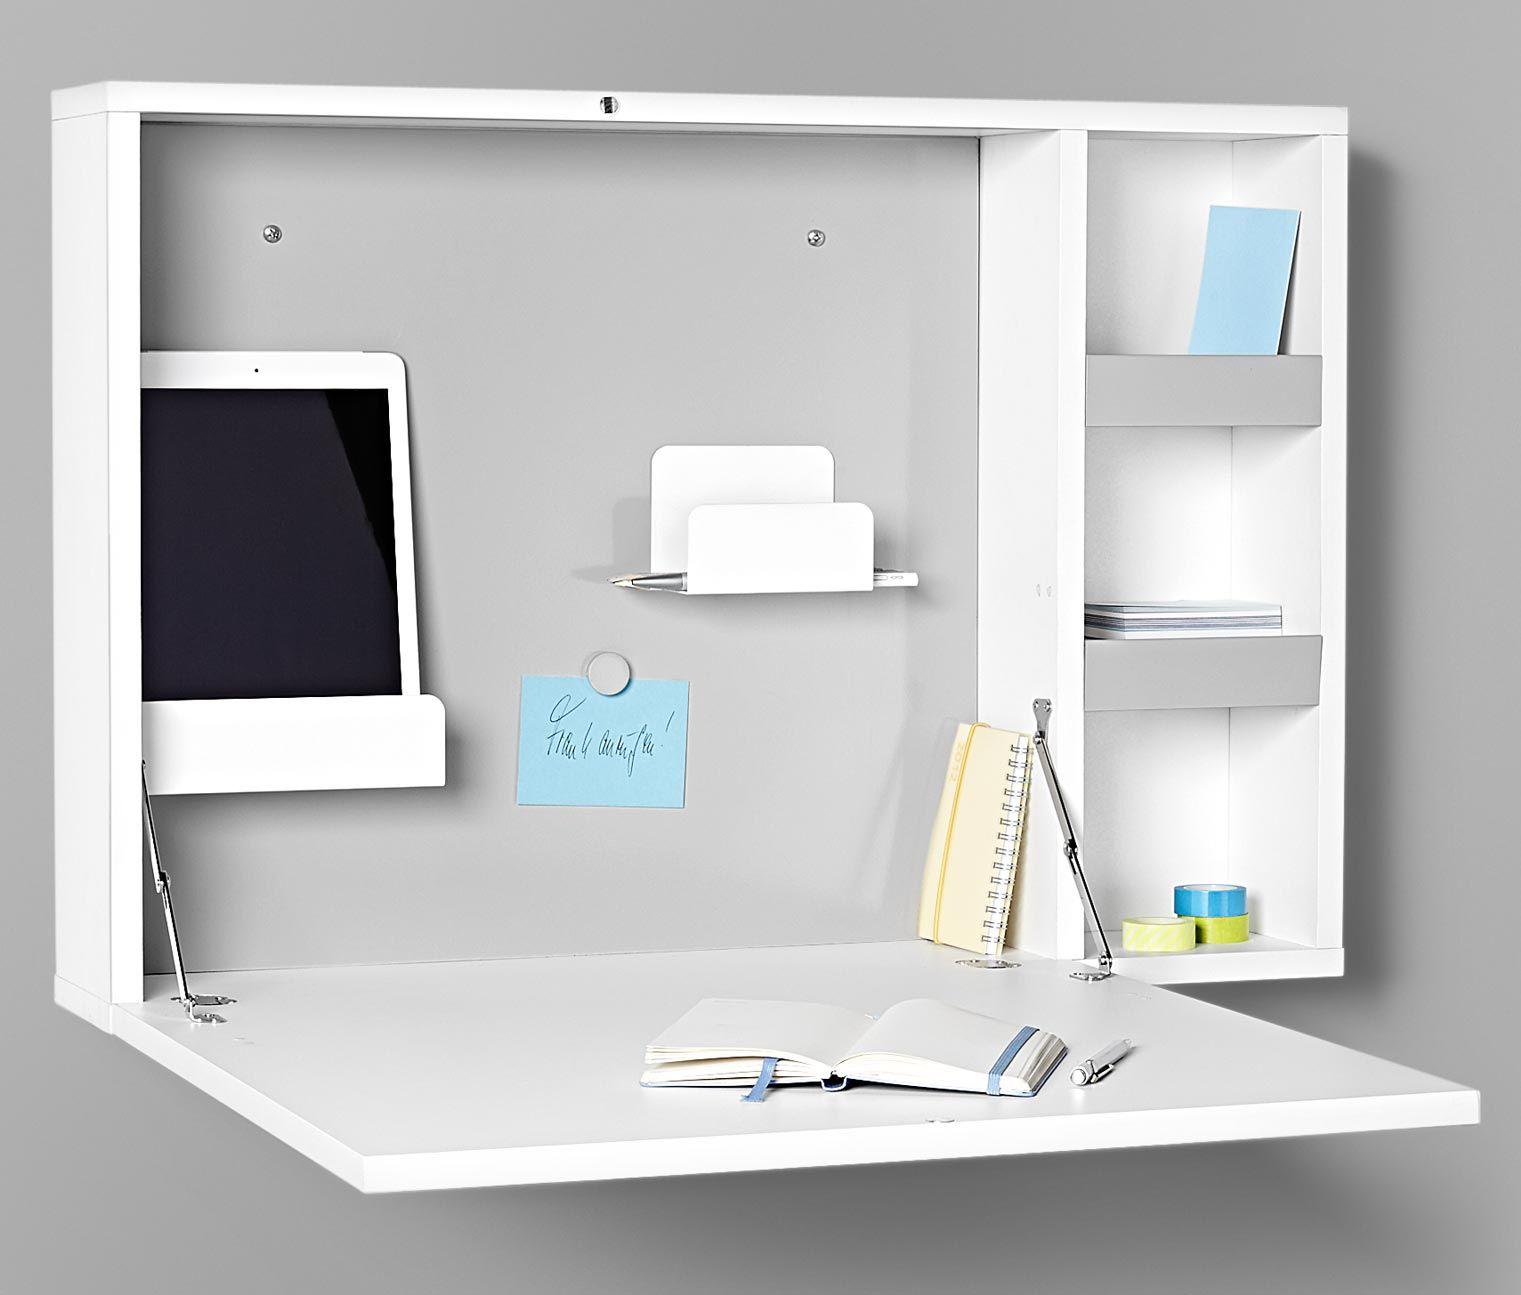 Dieses Mini Office Zum Aufklappen Ist Die Perfekte Alternative Für Alle,  Die Bewusst Auf Einen Schreibtisch Verzichten Möchten. Das Mini Office  Lässt Sich ...